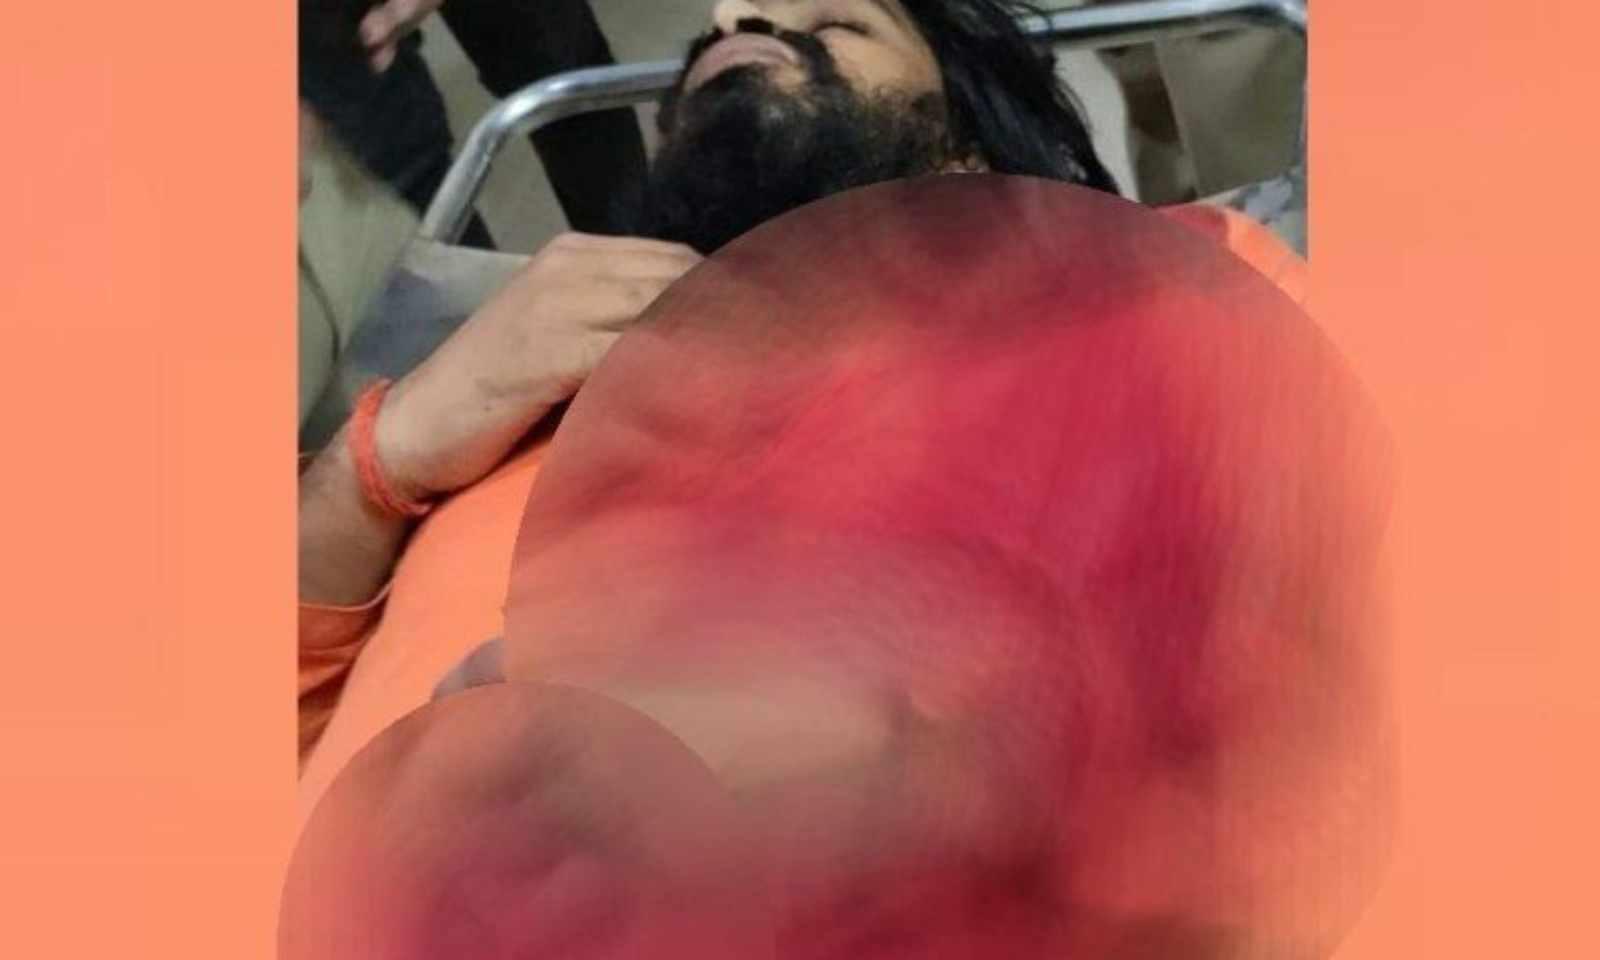 घायल पुजारी के इलाज के लखनऊ रैफर किया जा चुका है (फाइल फोटो)